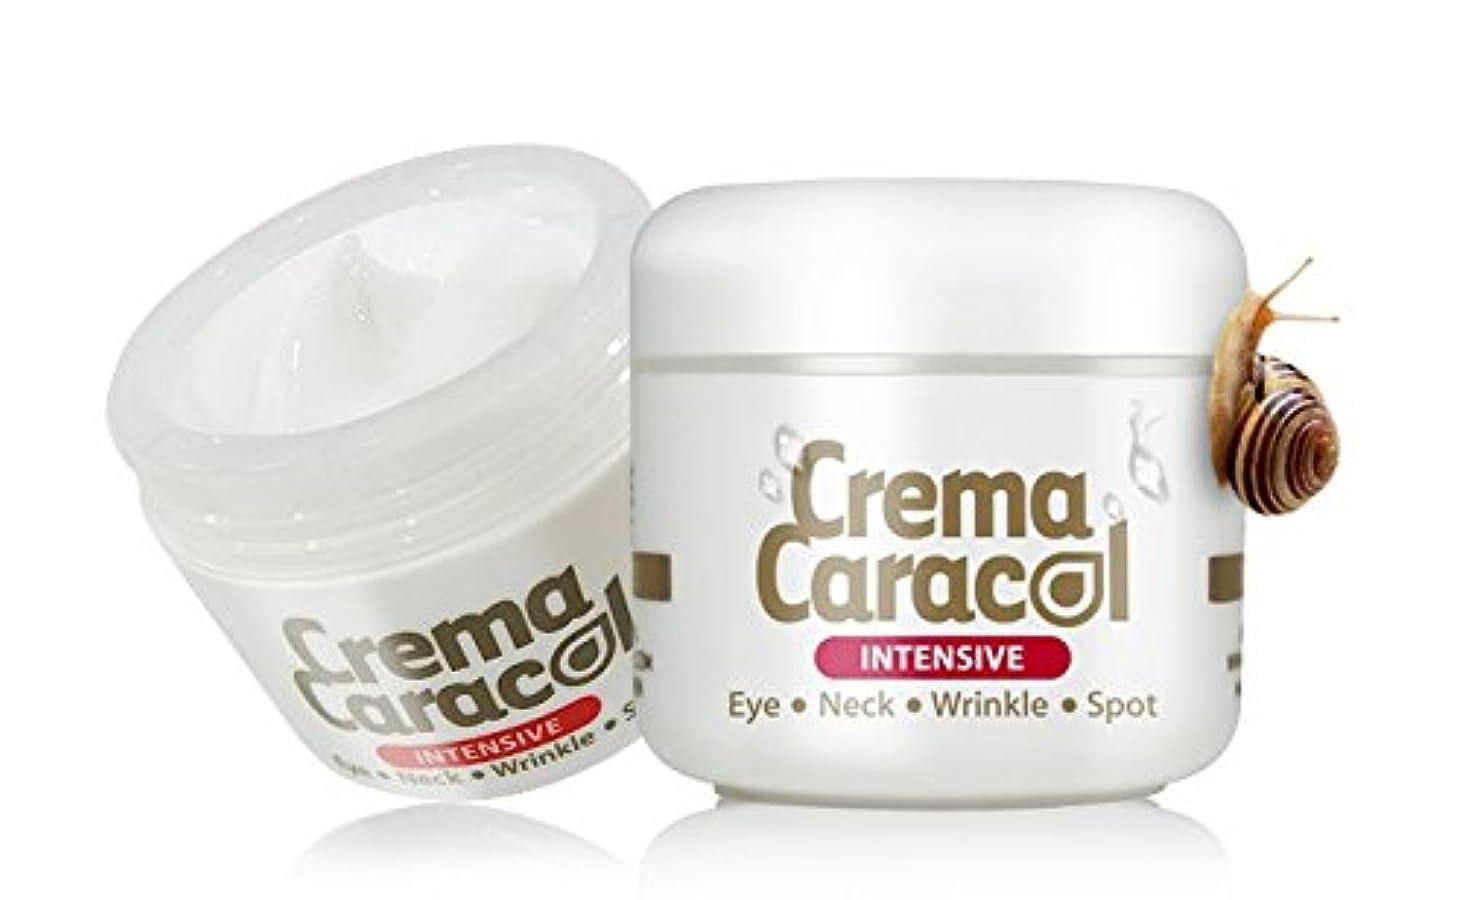 ラッドヤードキップリングオリエンタル提供された[2EA] Jaminkyung Crema Caracol Intensive Cream/ジャミンギョン [孜民耕] カタツムリ(かたつむり) インテンシブクリーム 2個 [並行輸入品]